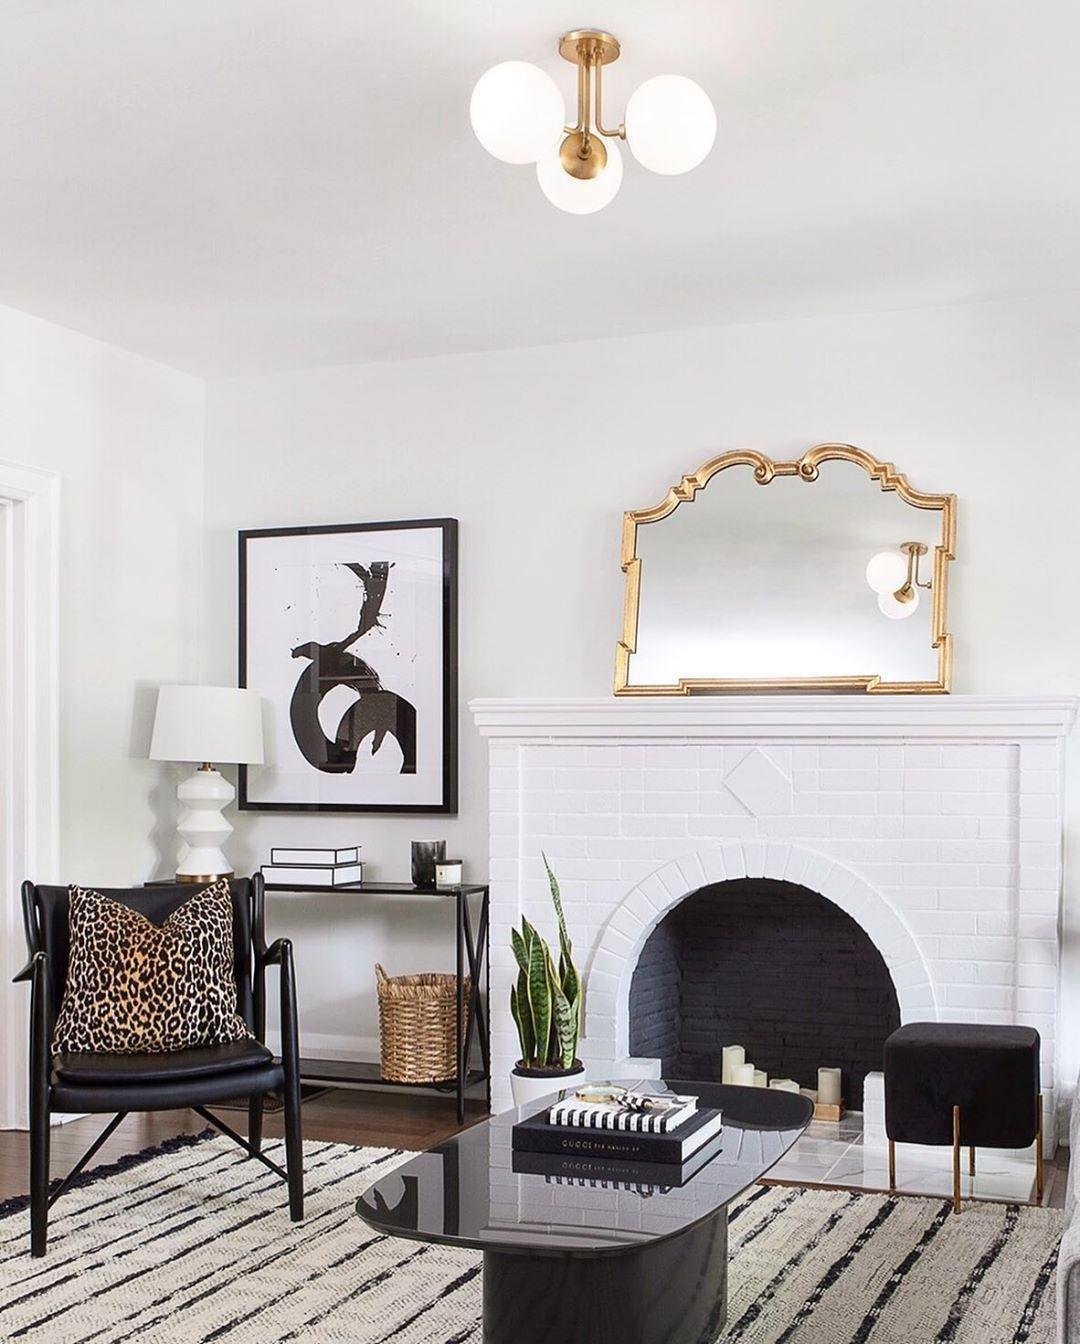 Glam Wohnzimmer mit Goldspiegel via @kielyramosphoto und Joey Vogel Design